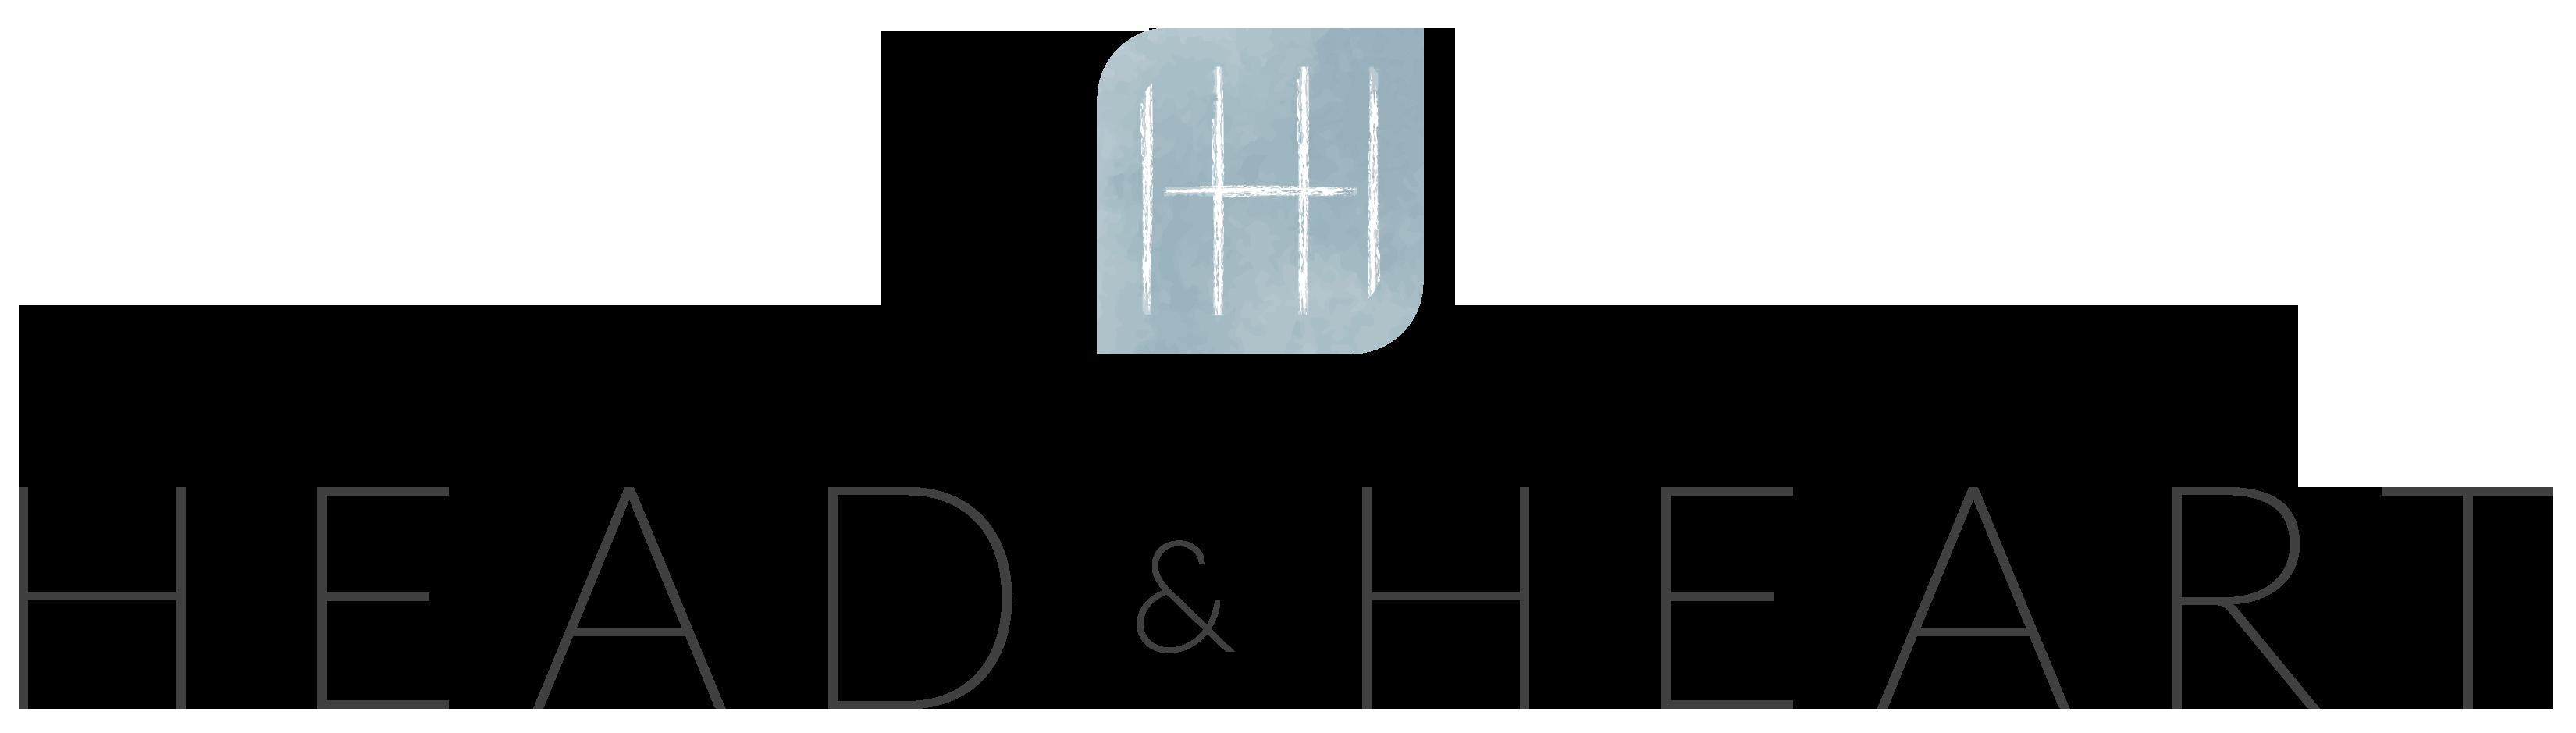 Head & Heart Photography logo